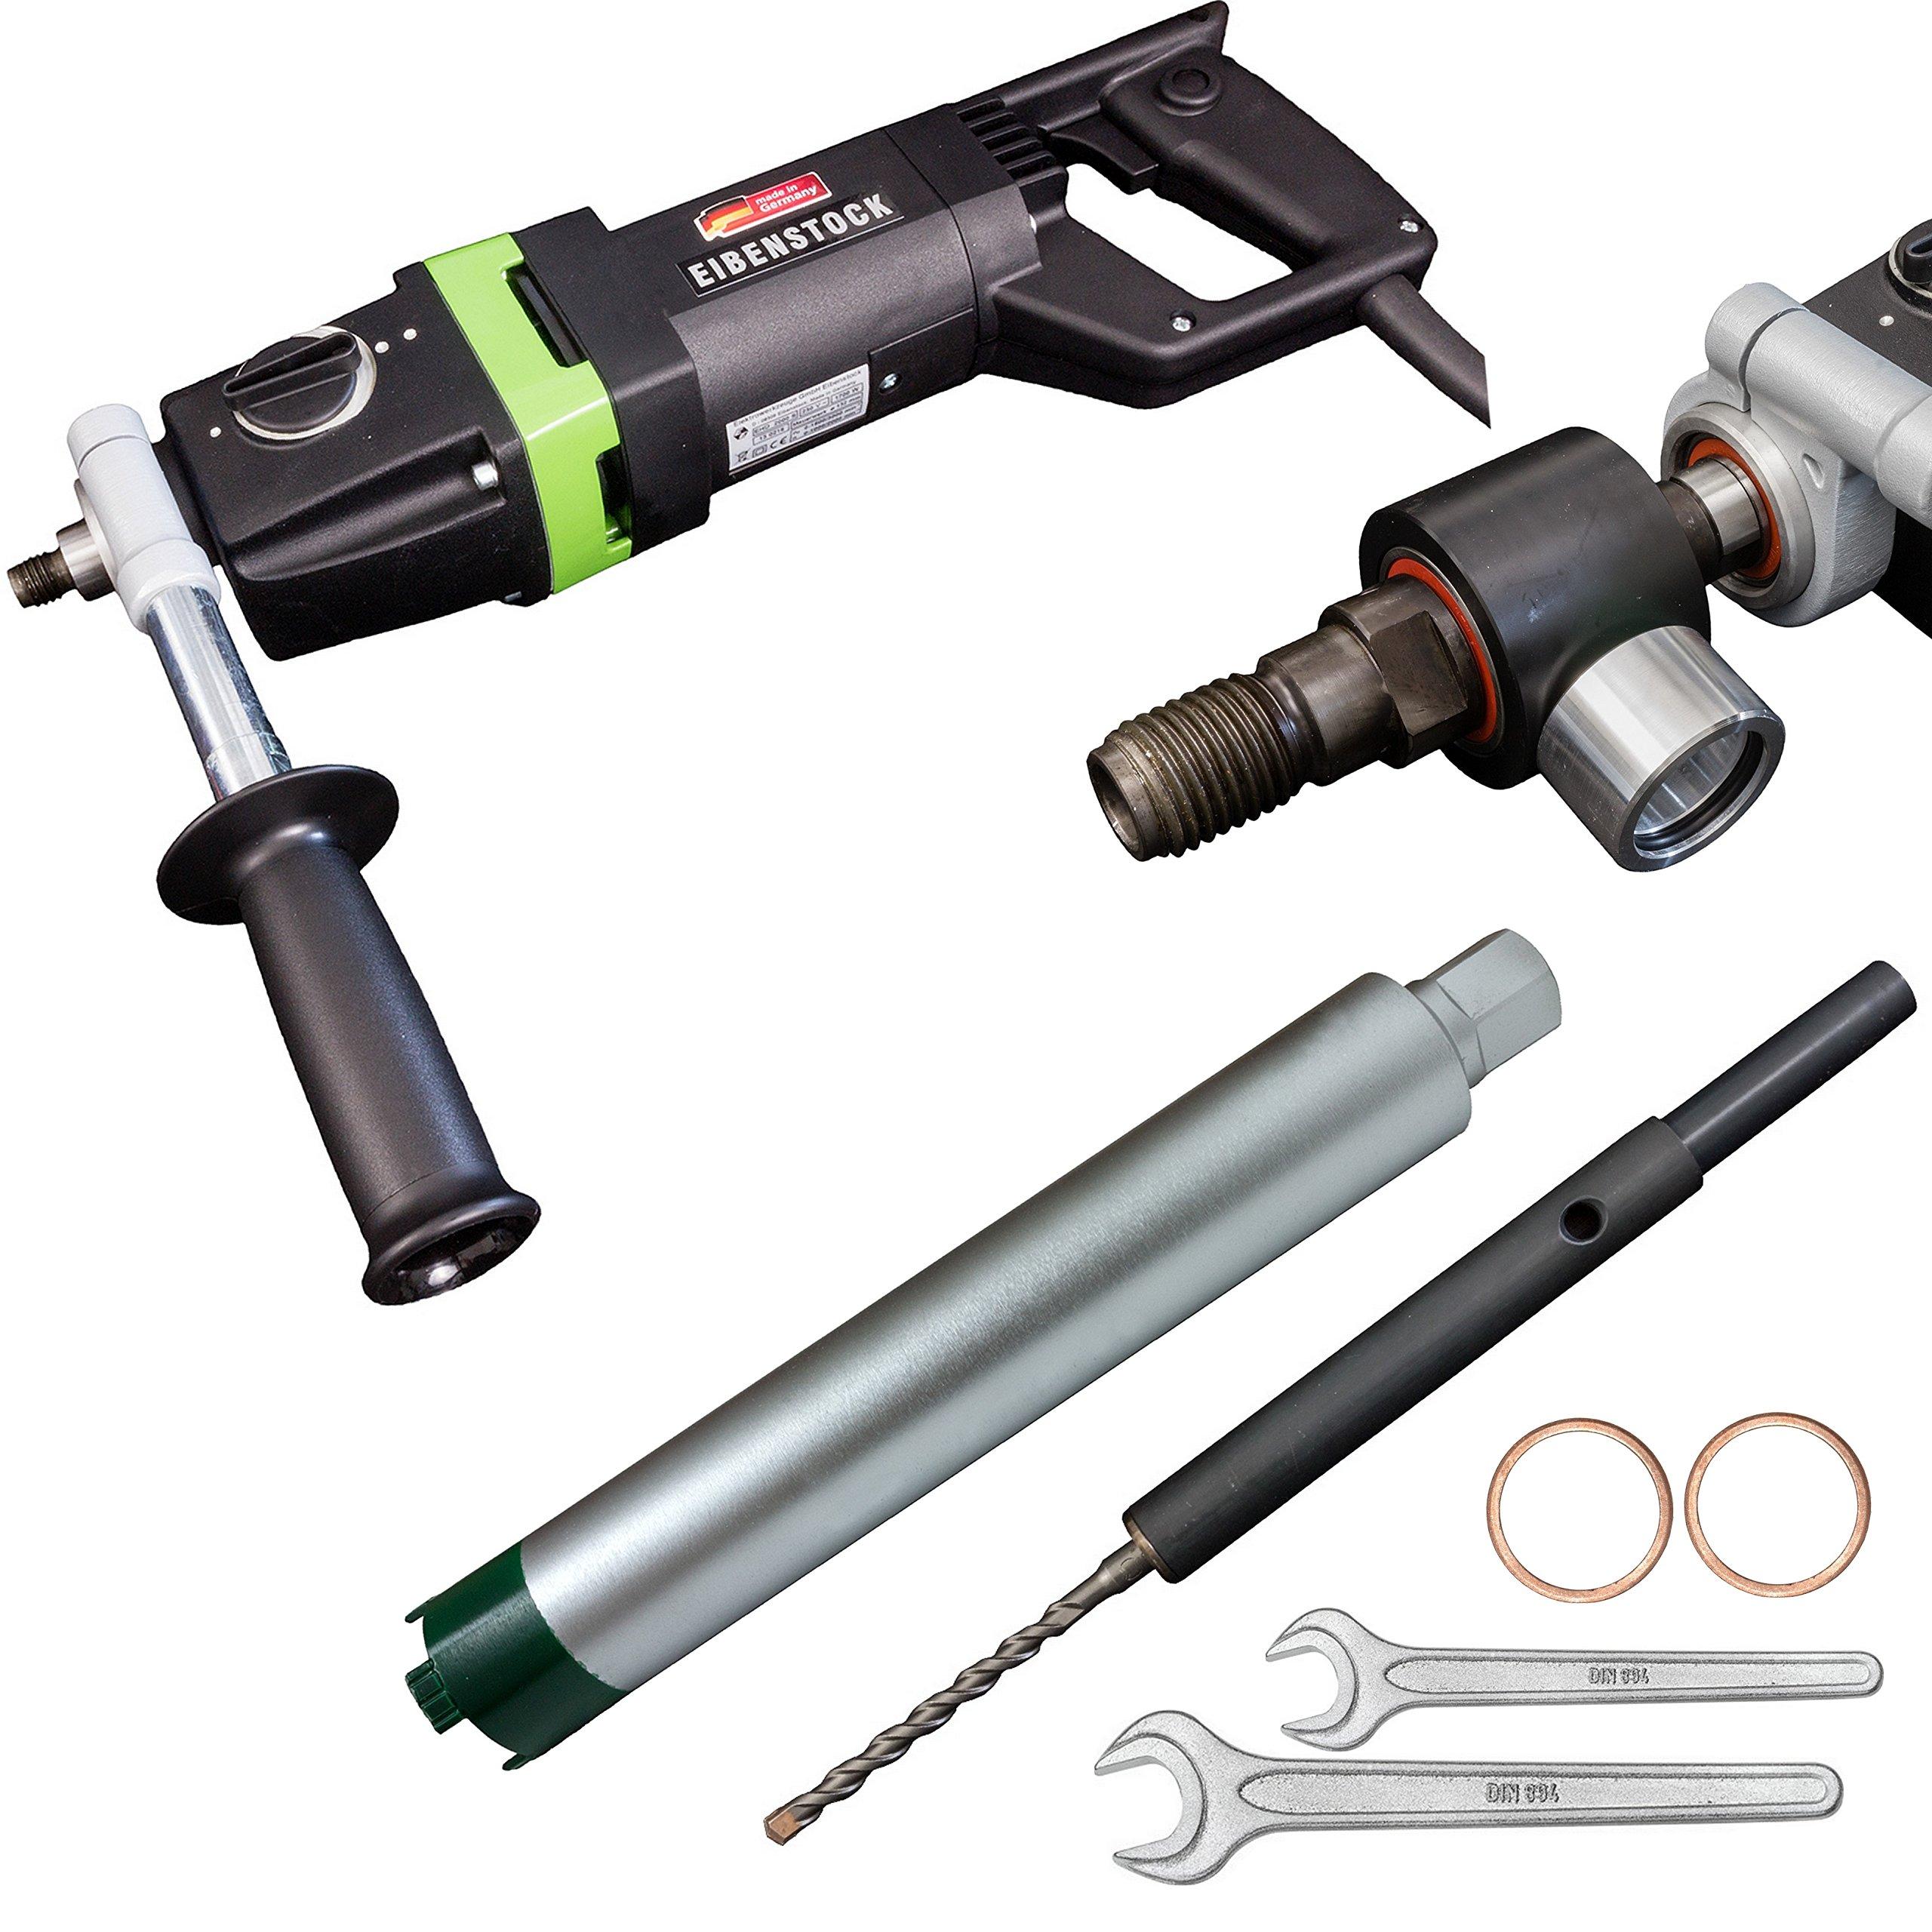 Eibenstock-Trocken-Kernbohrmaschine-EHD-2000-S-inklusive-Diamant-Trocken-Bohrkrone-Staubabsaugung-Zentrierbohrer-Zubehr